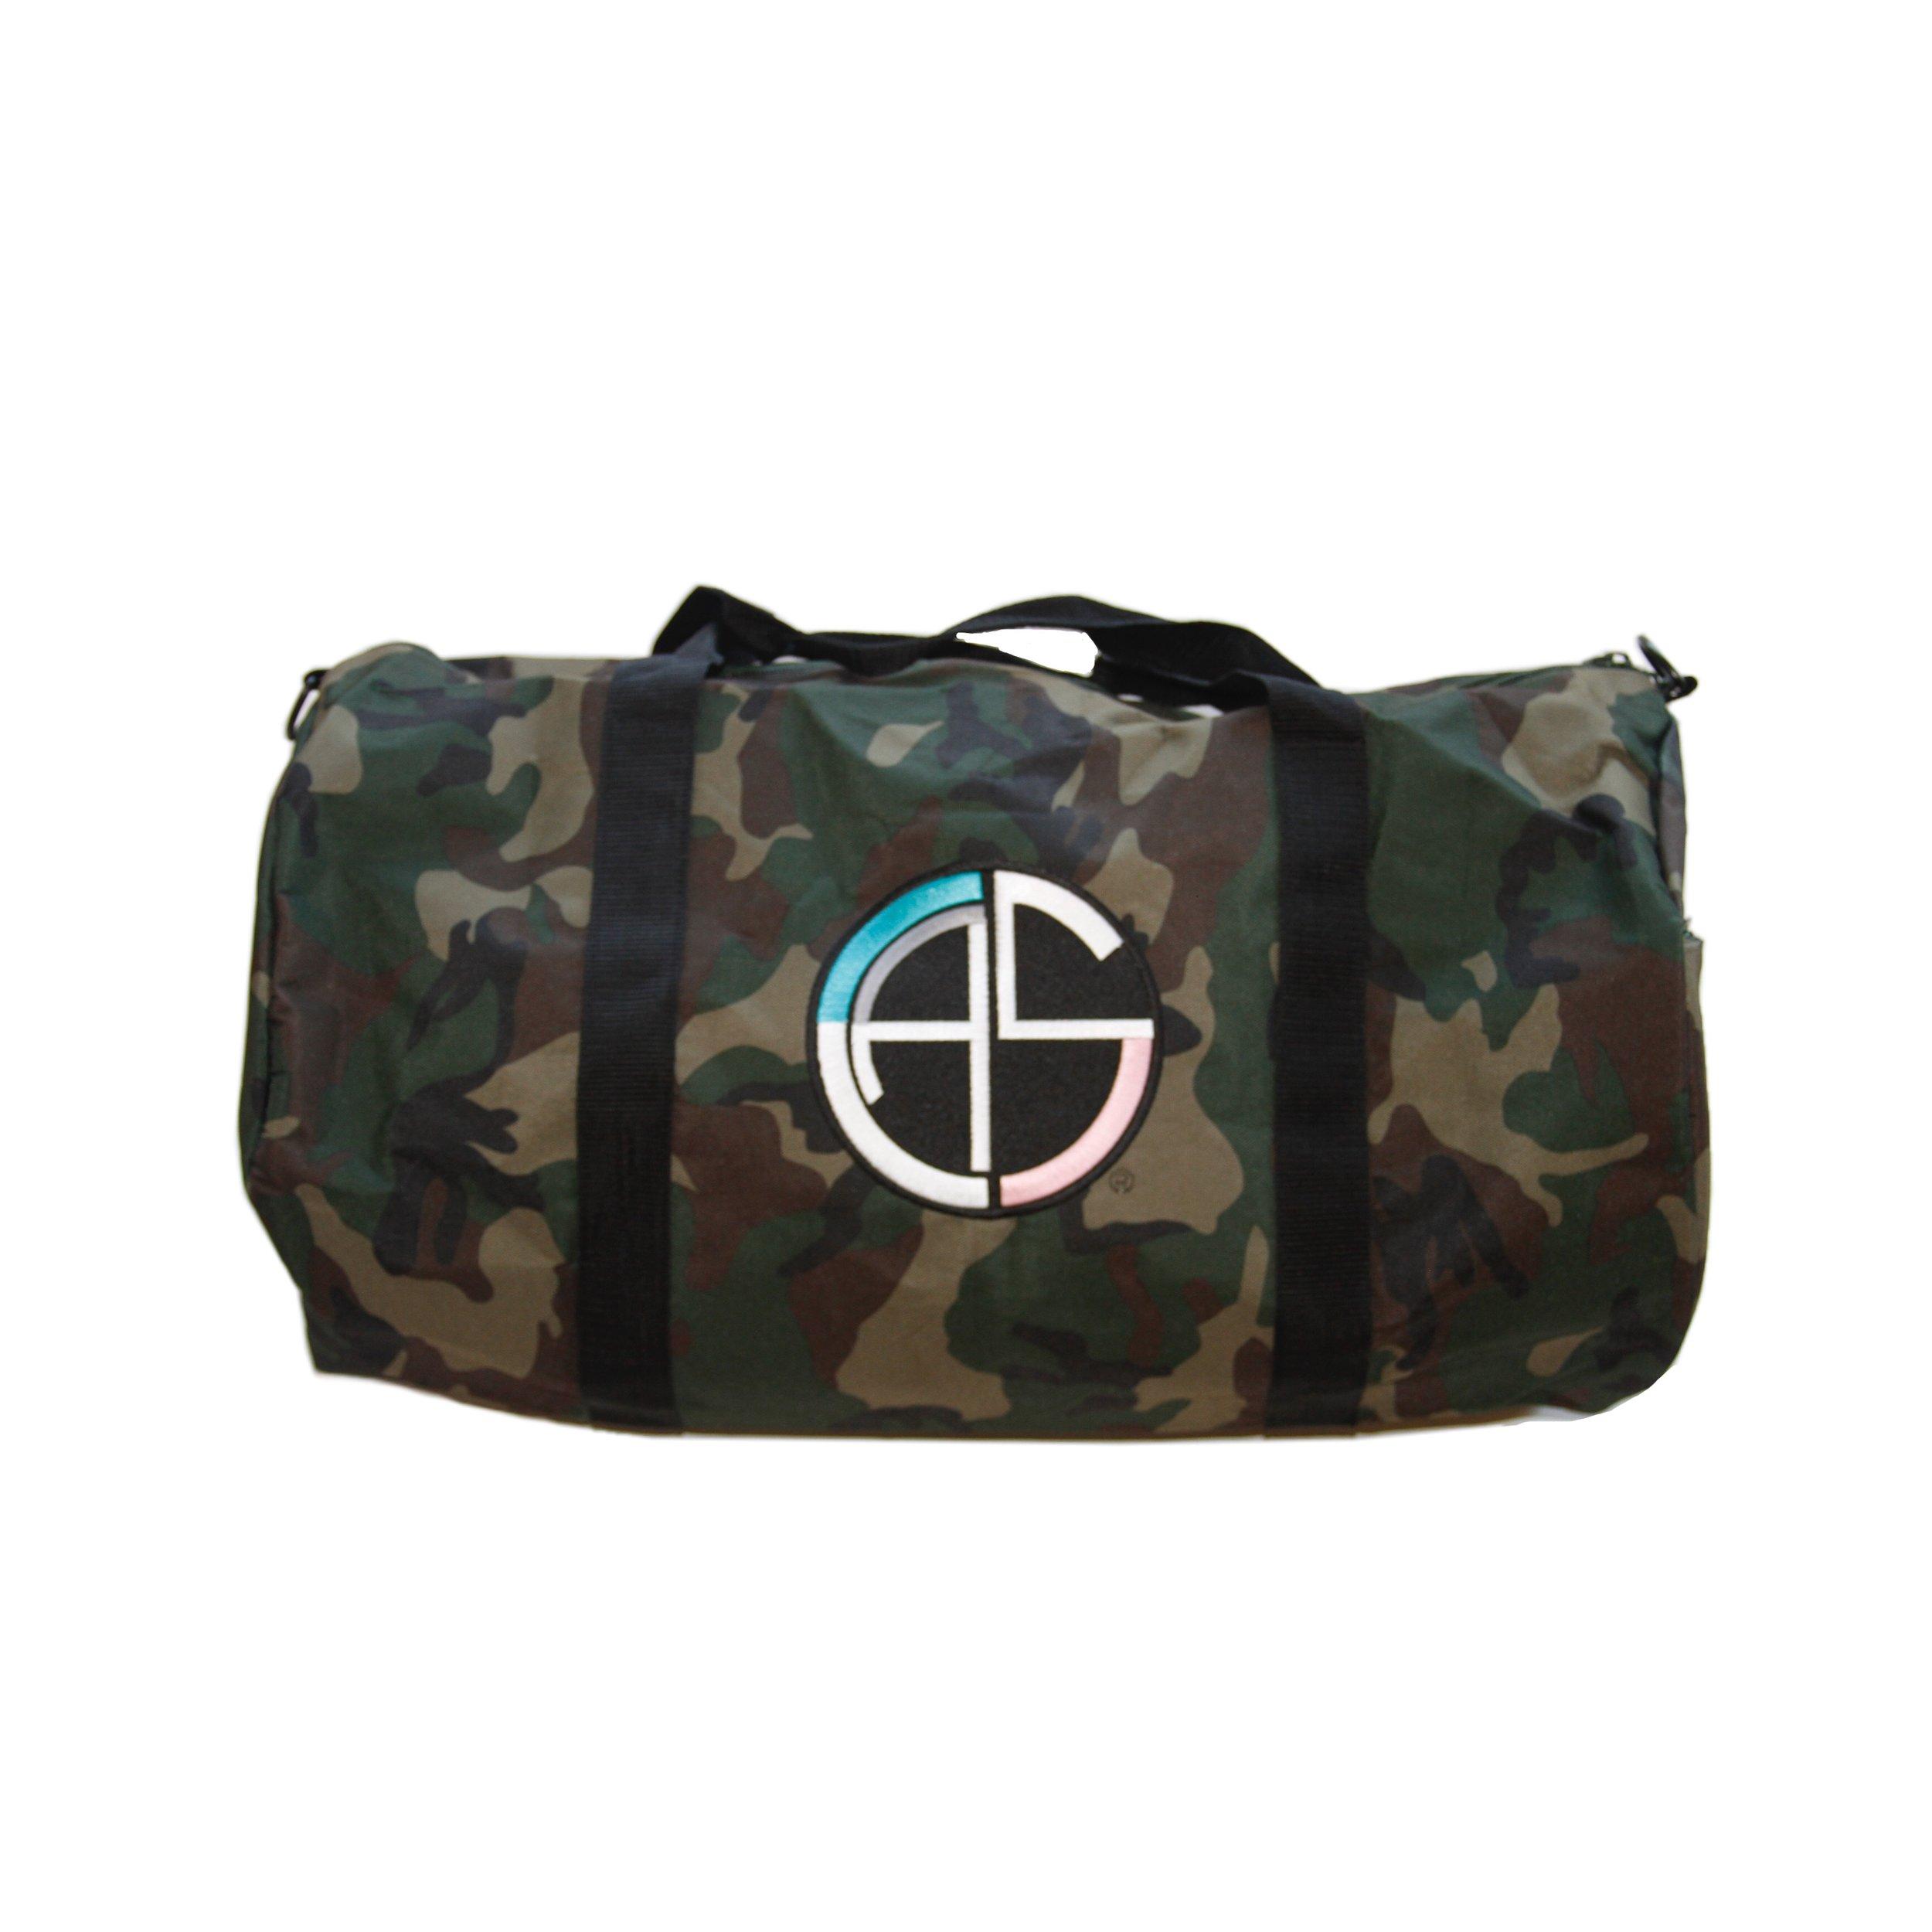 c.a.s. duffle bag -